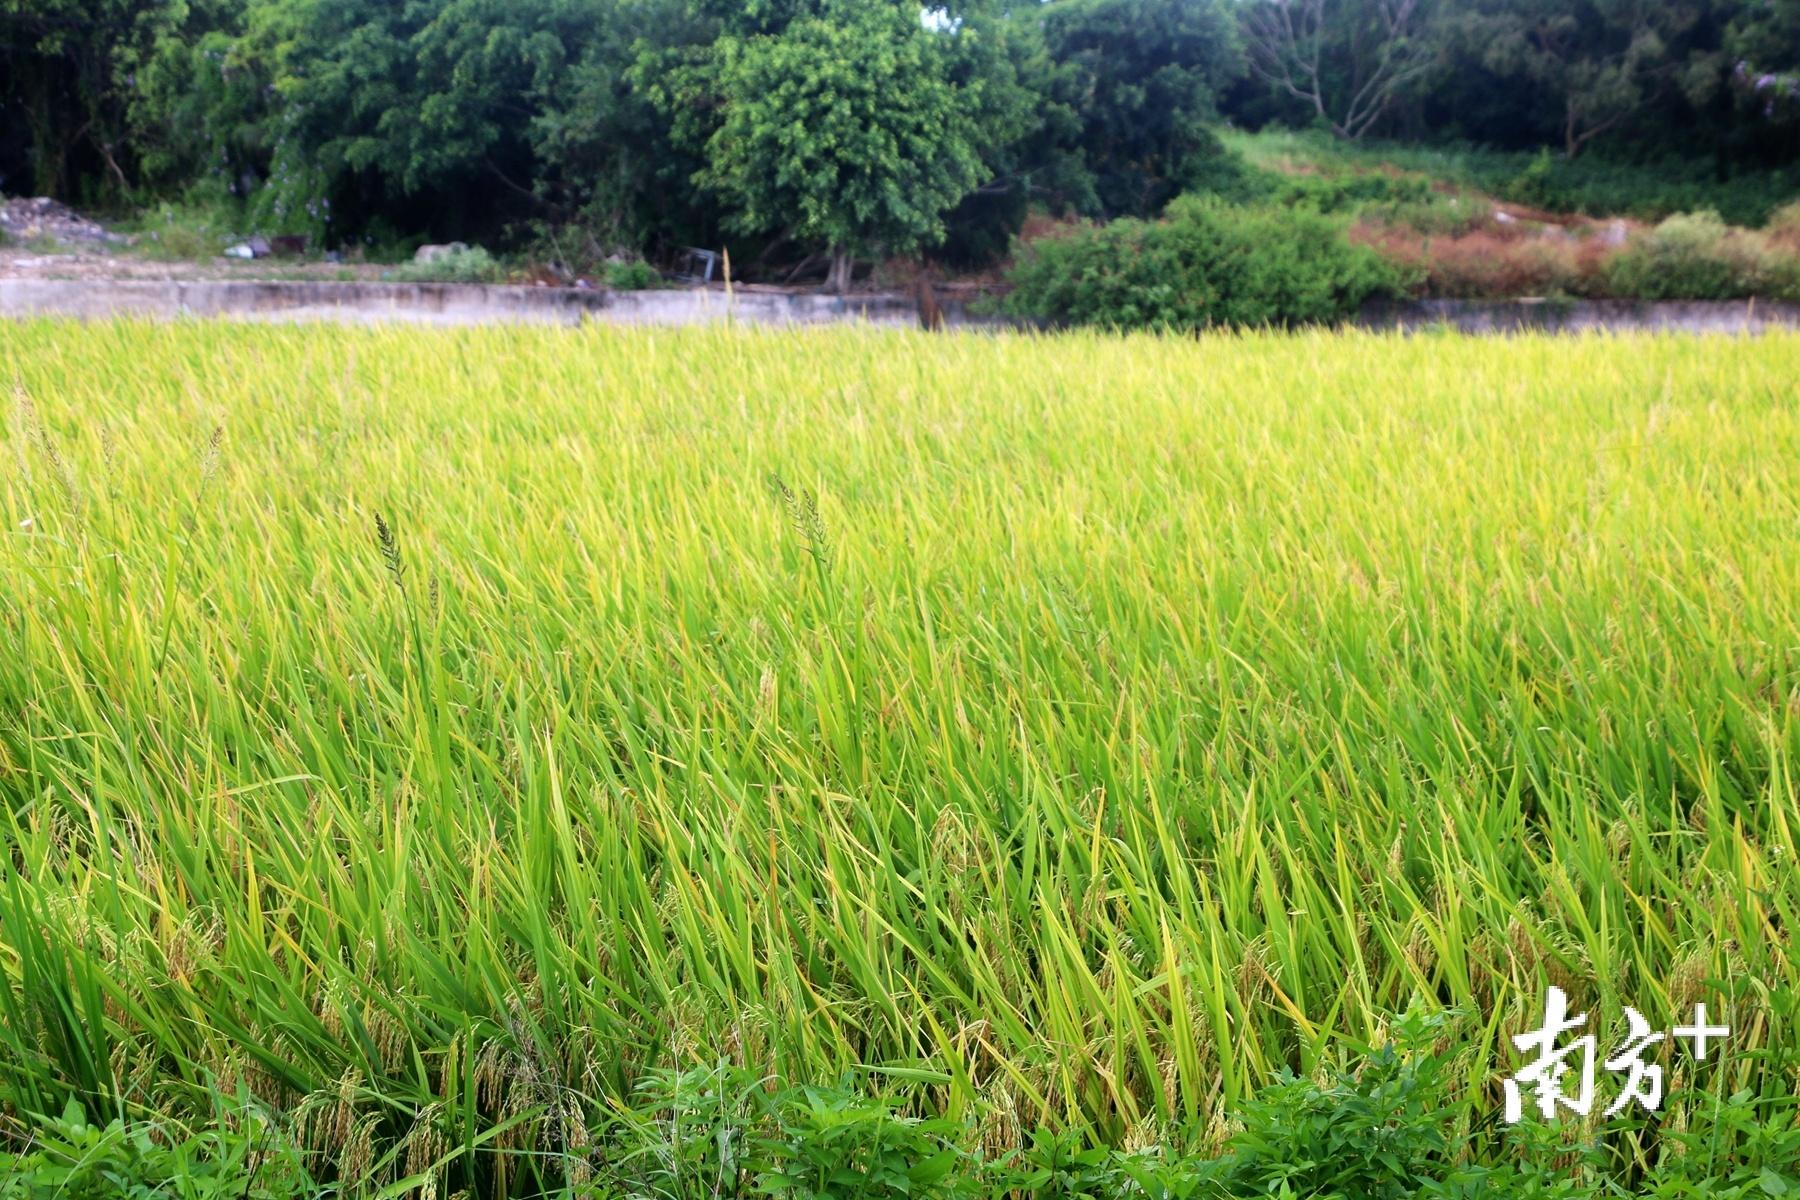 潮汕地区向来拥有得天独厚的自然条件,这里气候温和,土地肥沃,适宜多种作物生长。张伟炜 摄